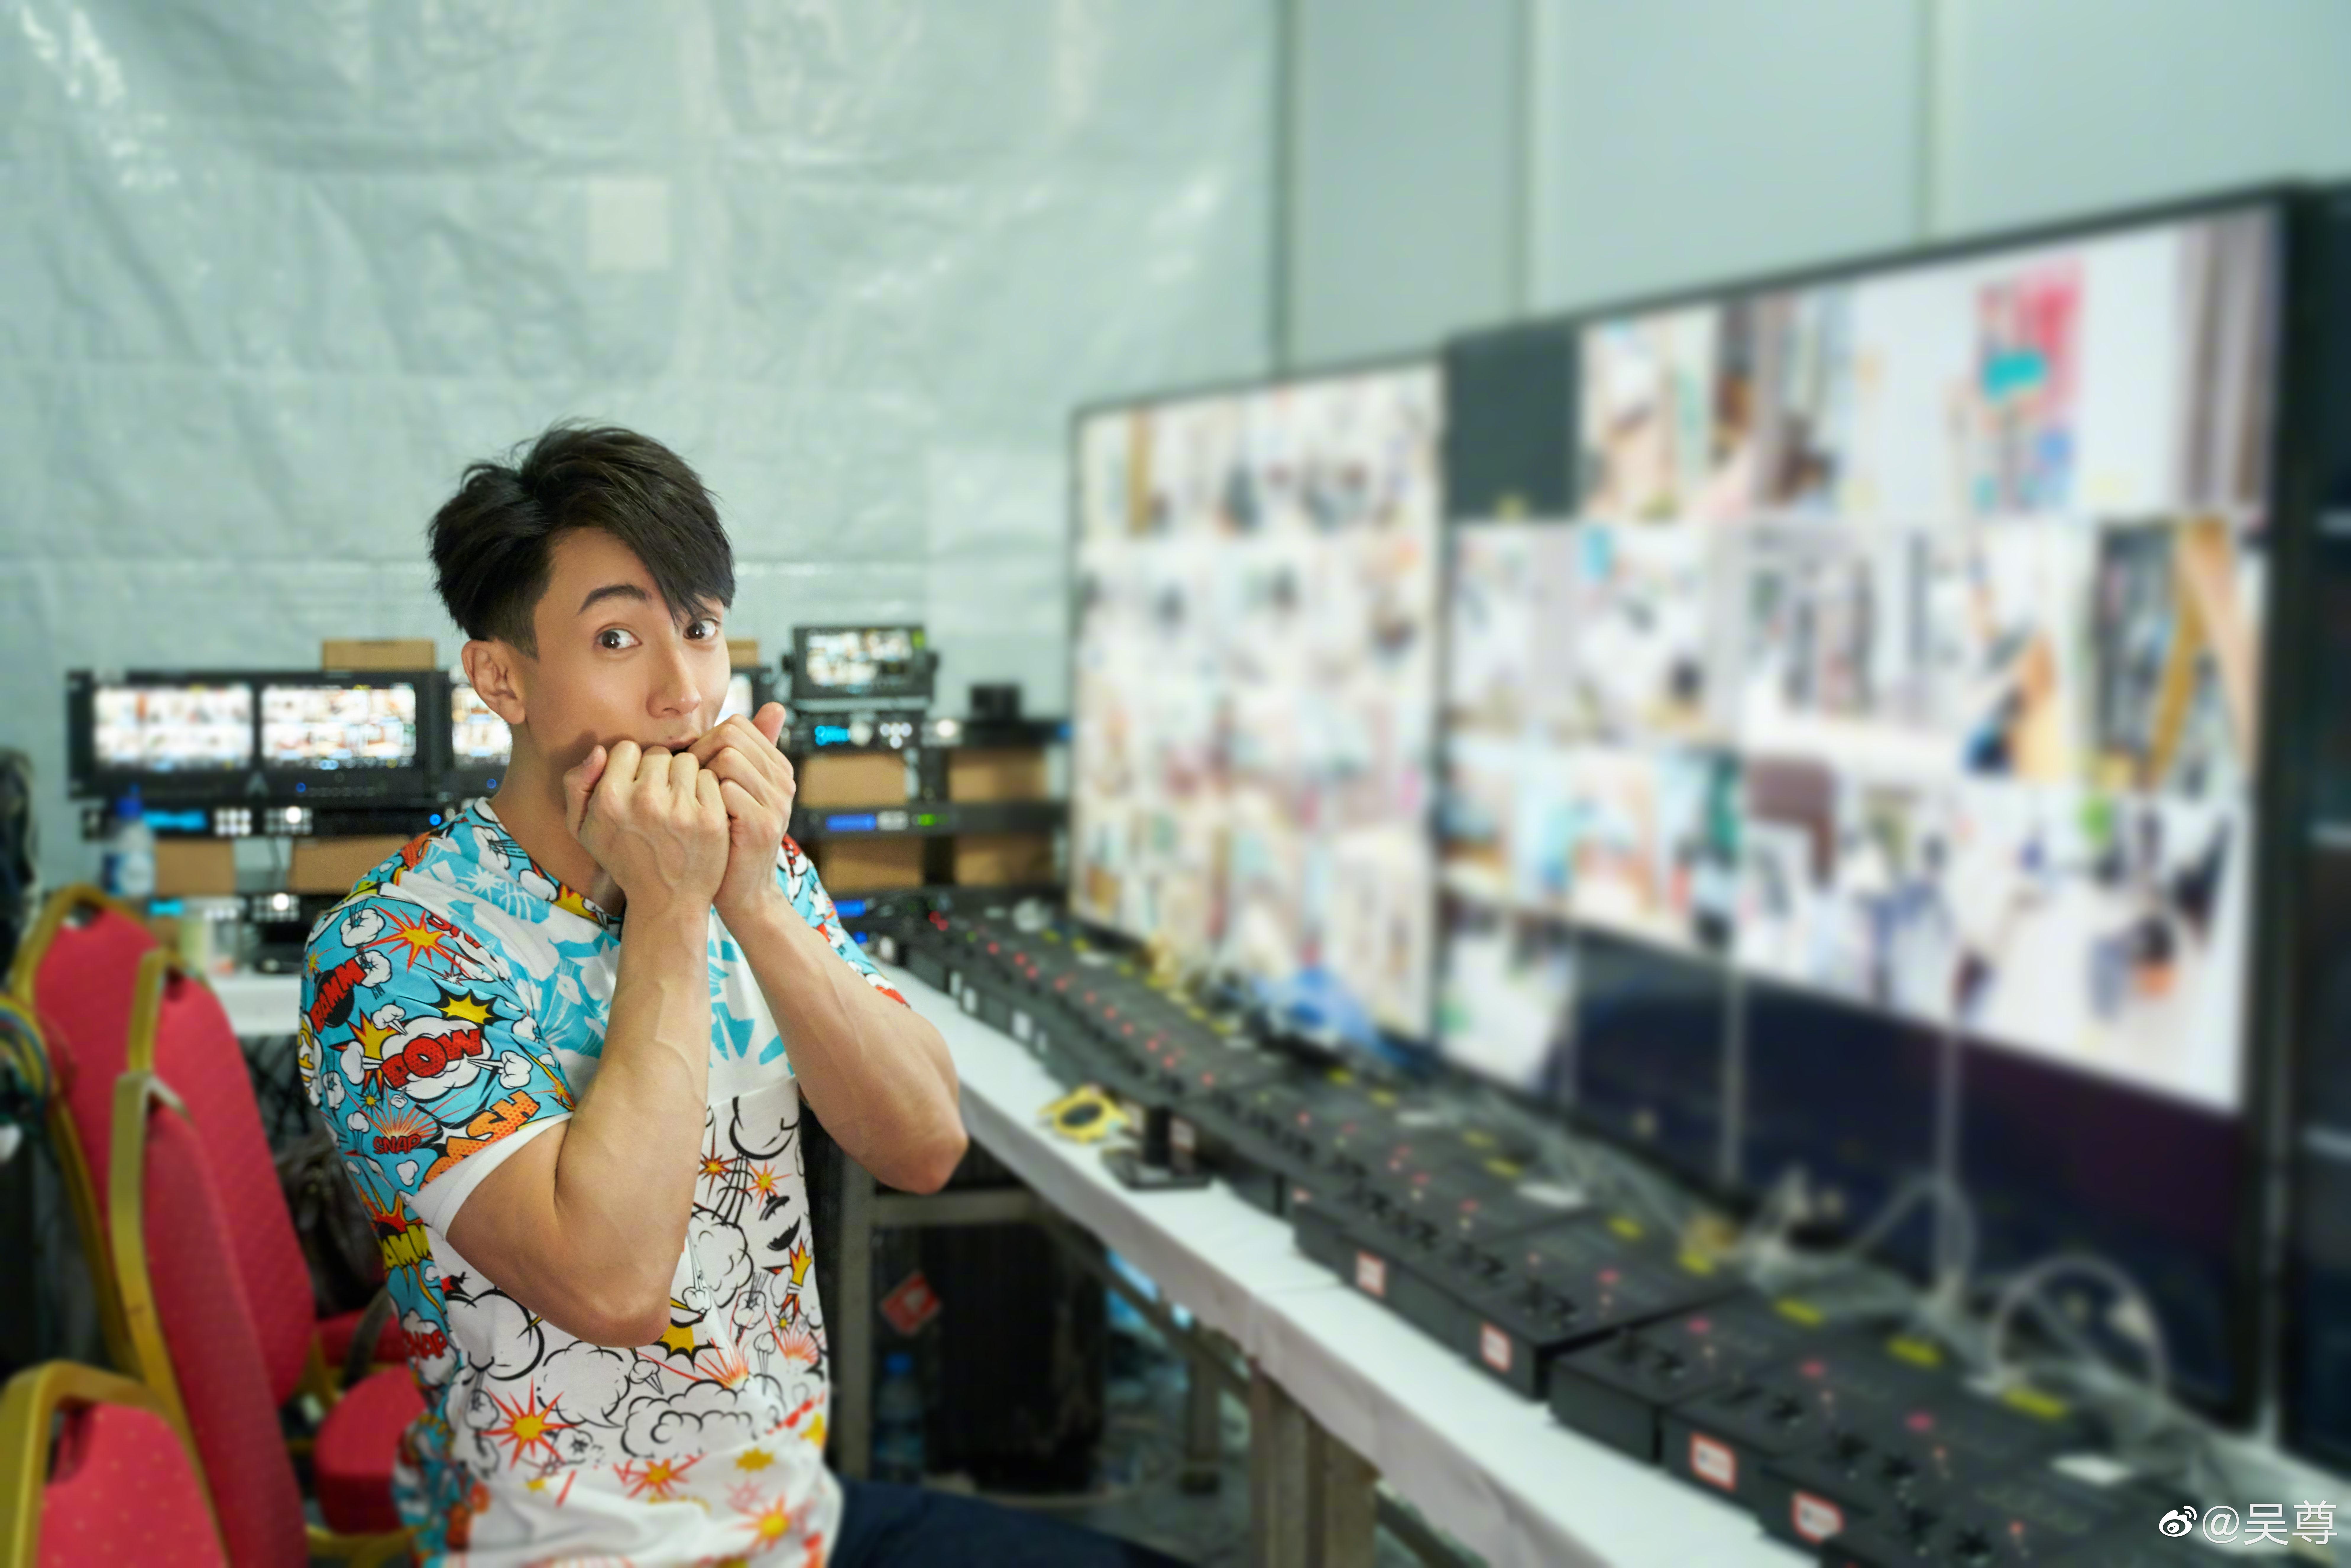 吳尊再次拍攝真人show,粉絲都與他一樣很期待吧!